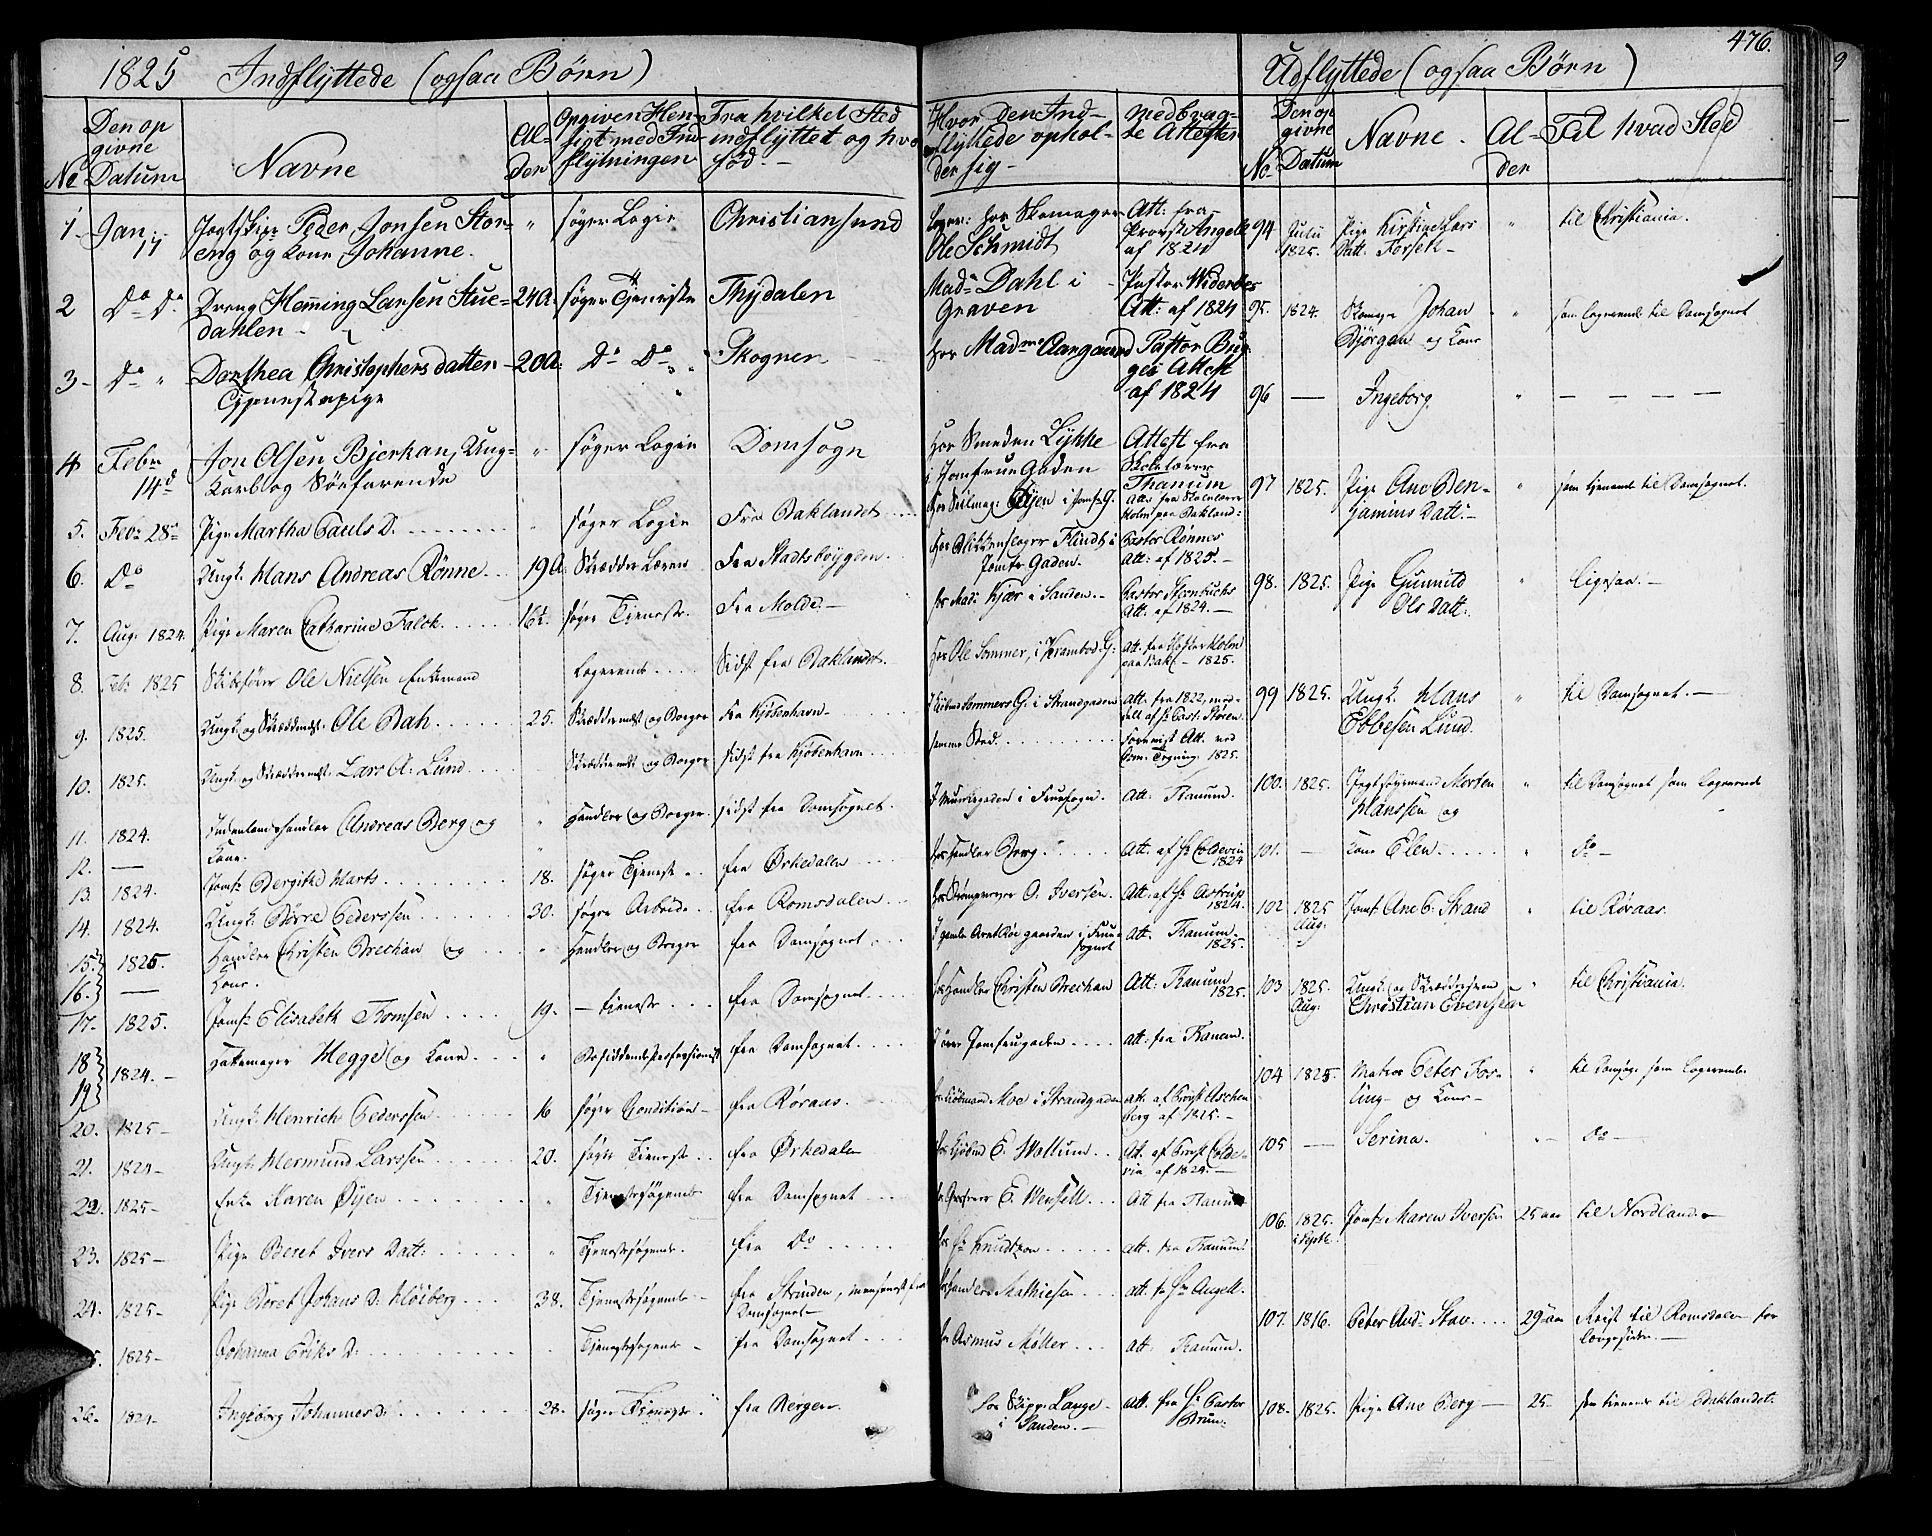 SAT, Ministerialprotokoller, klokkerbøker og fødselsregistre - Sør-Trøndelag, 602/L0109: Ministerialbok nr. 602A07, 1821-1840, s. 476